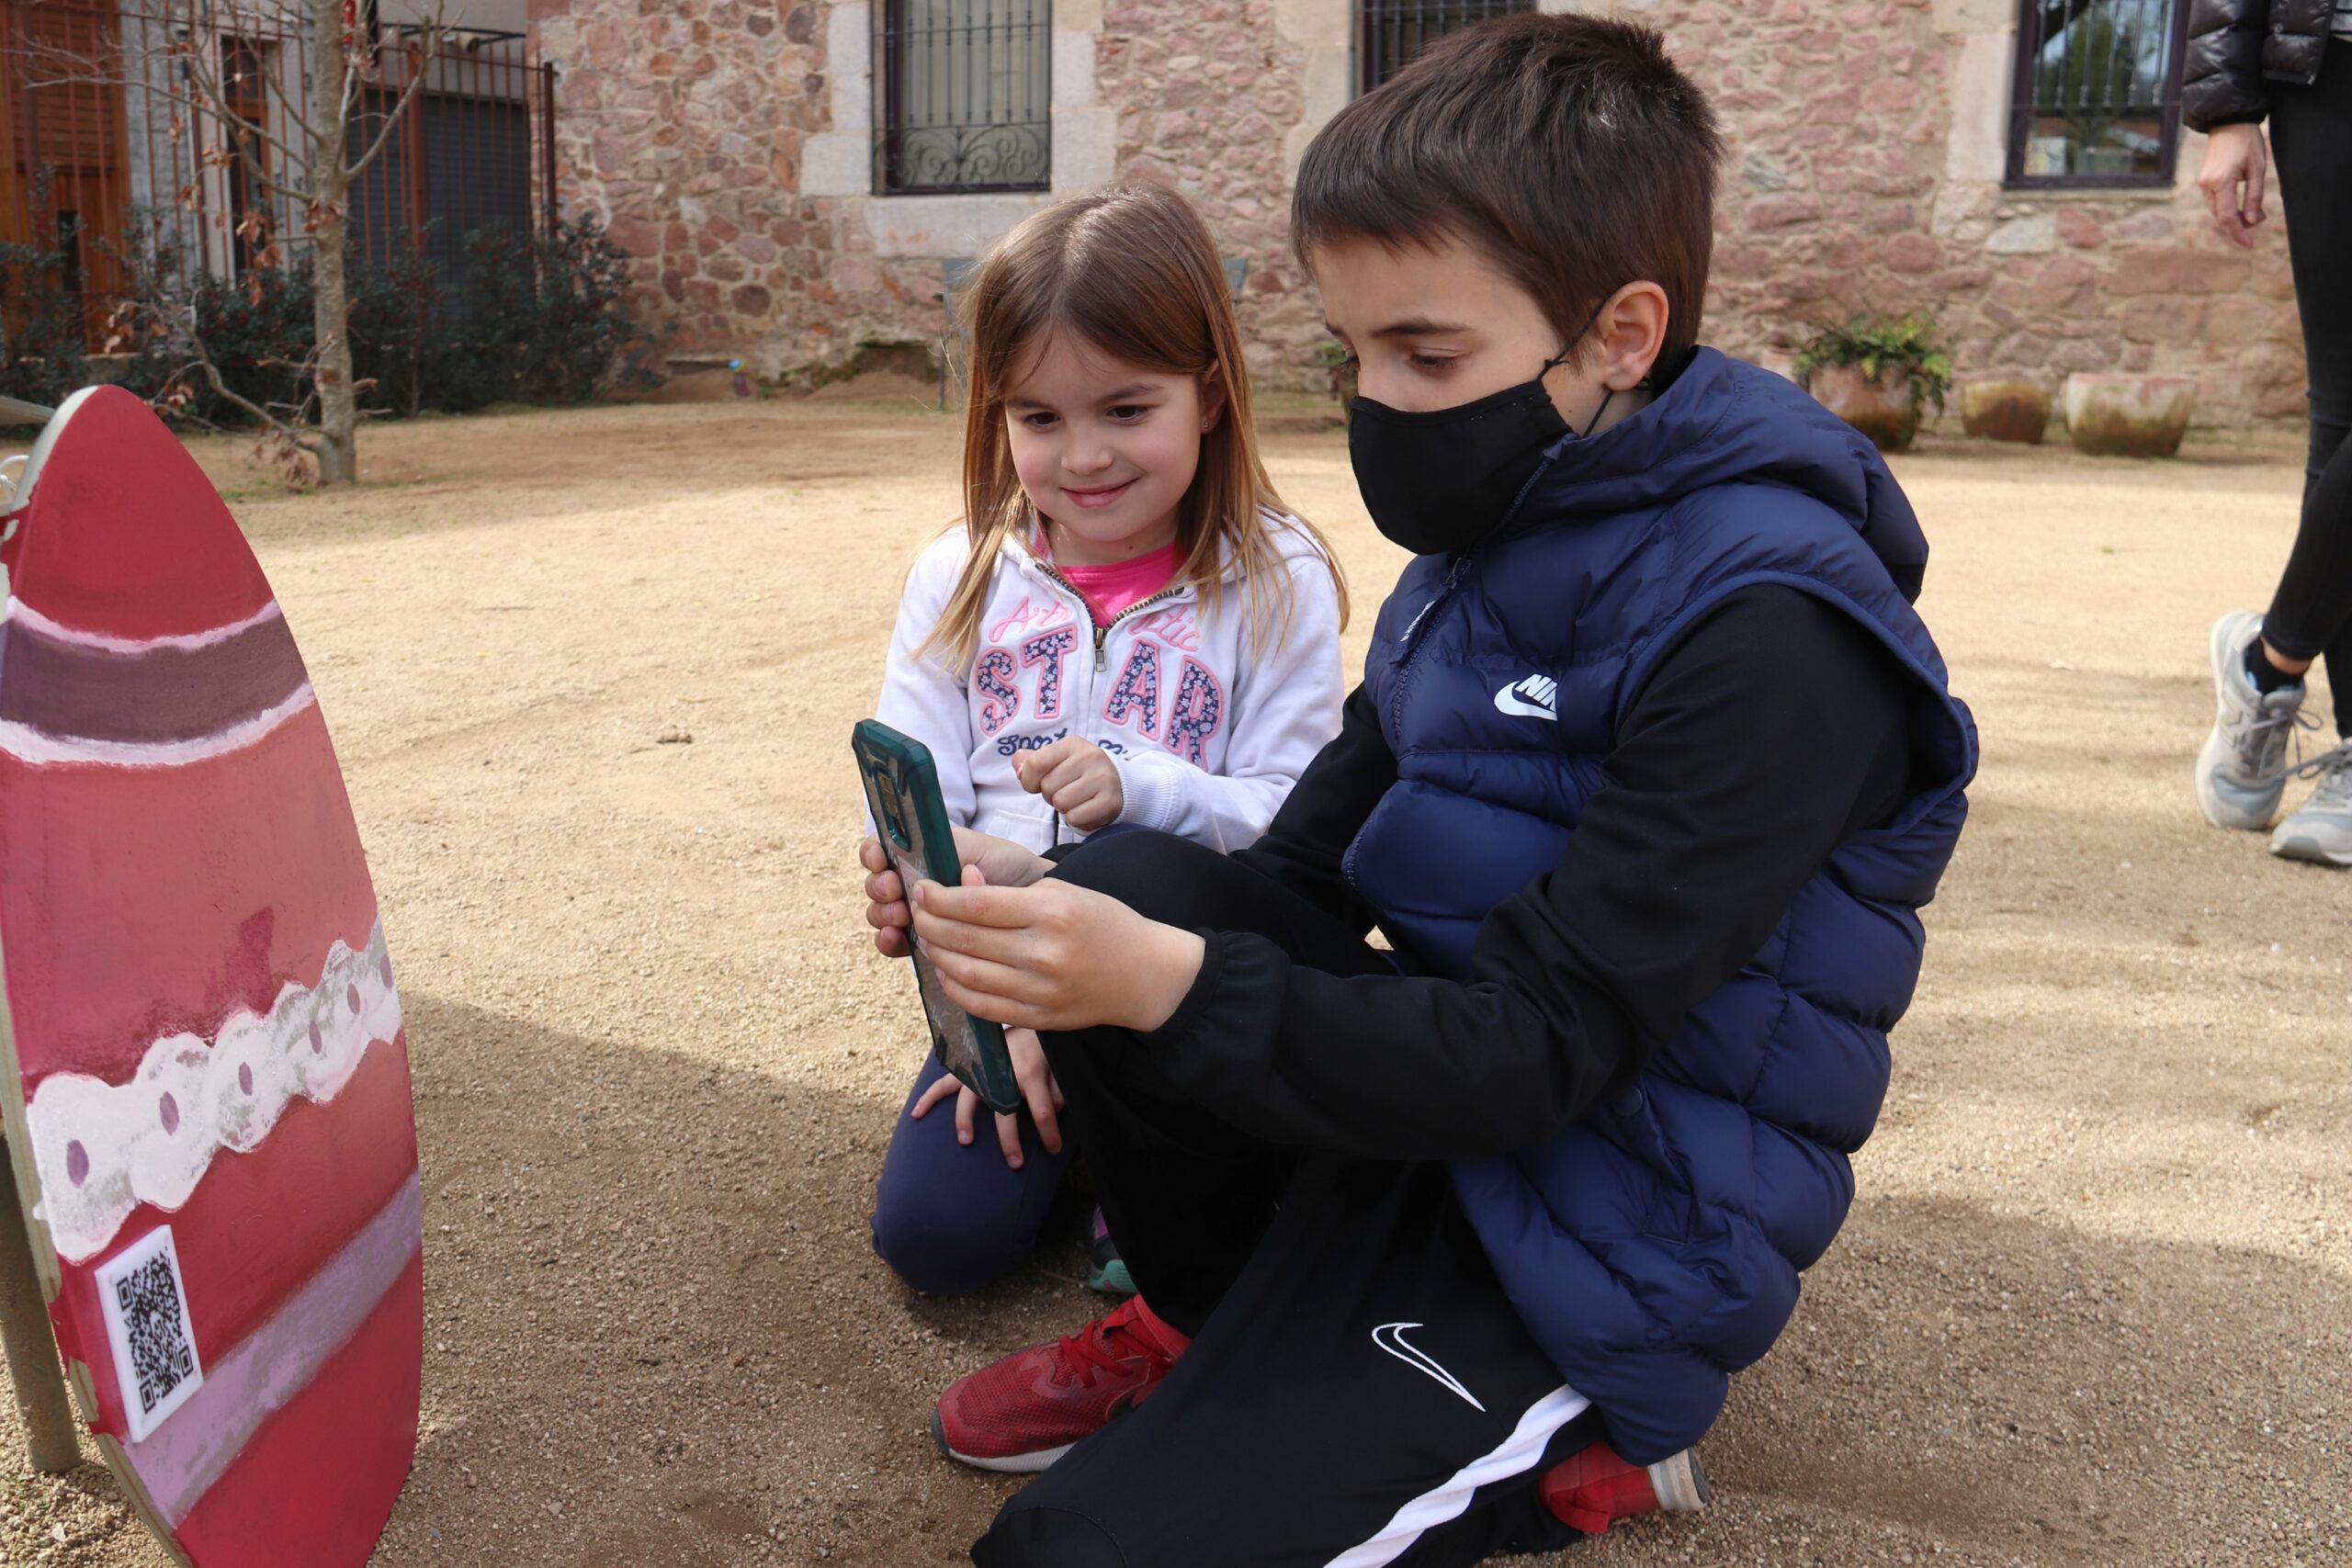 Dos nens fotografiant el codi QR d'un ou de Pasqua en una activitat organitzada per l'Ajuntament de Sant Hilari Sacalm | ACN